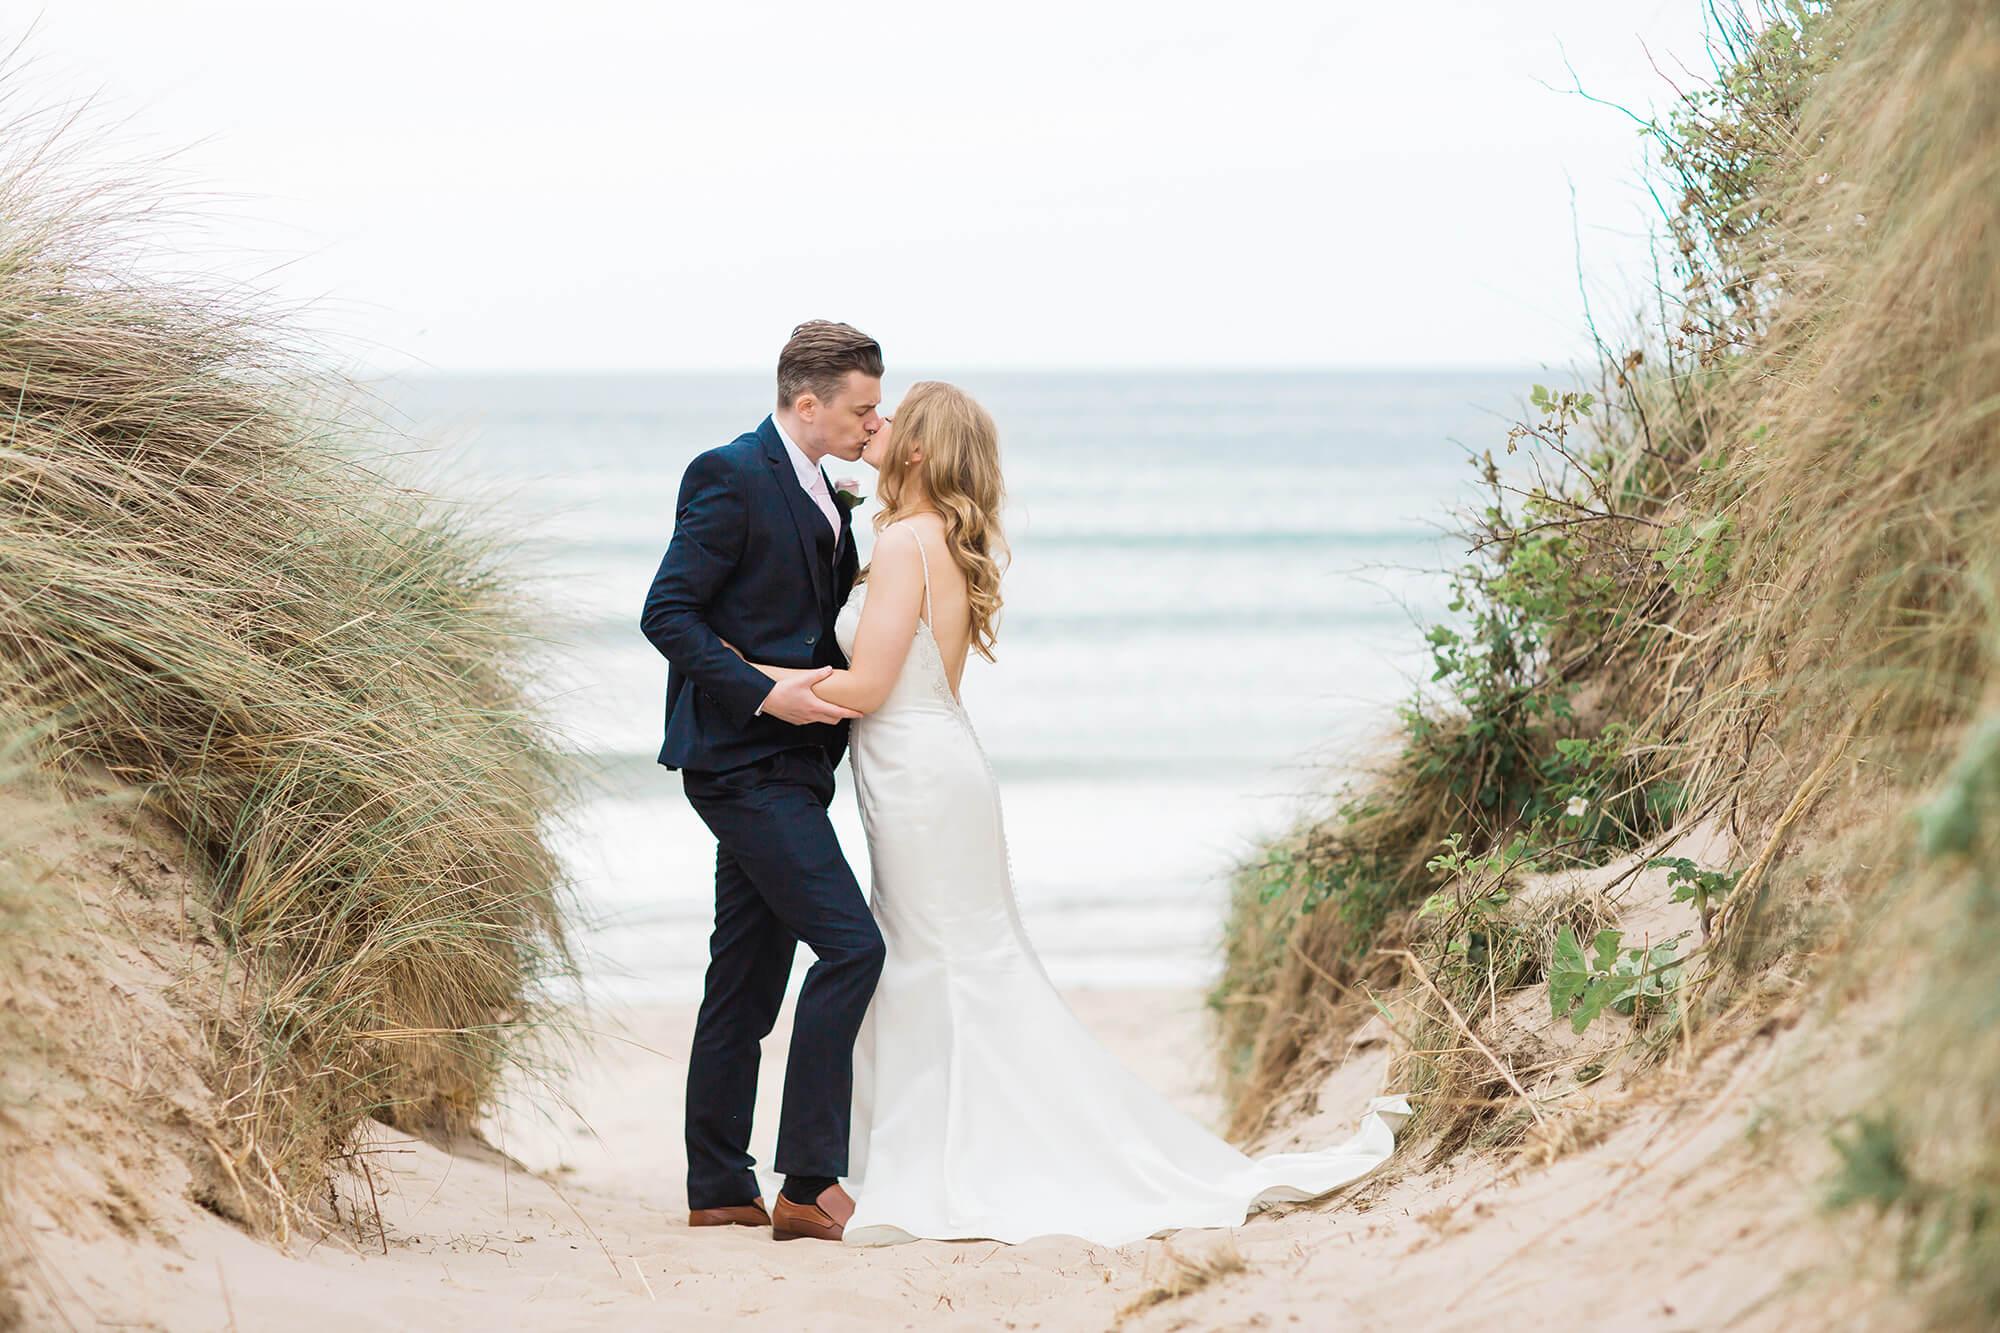 Wedding photography on a beach